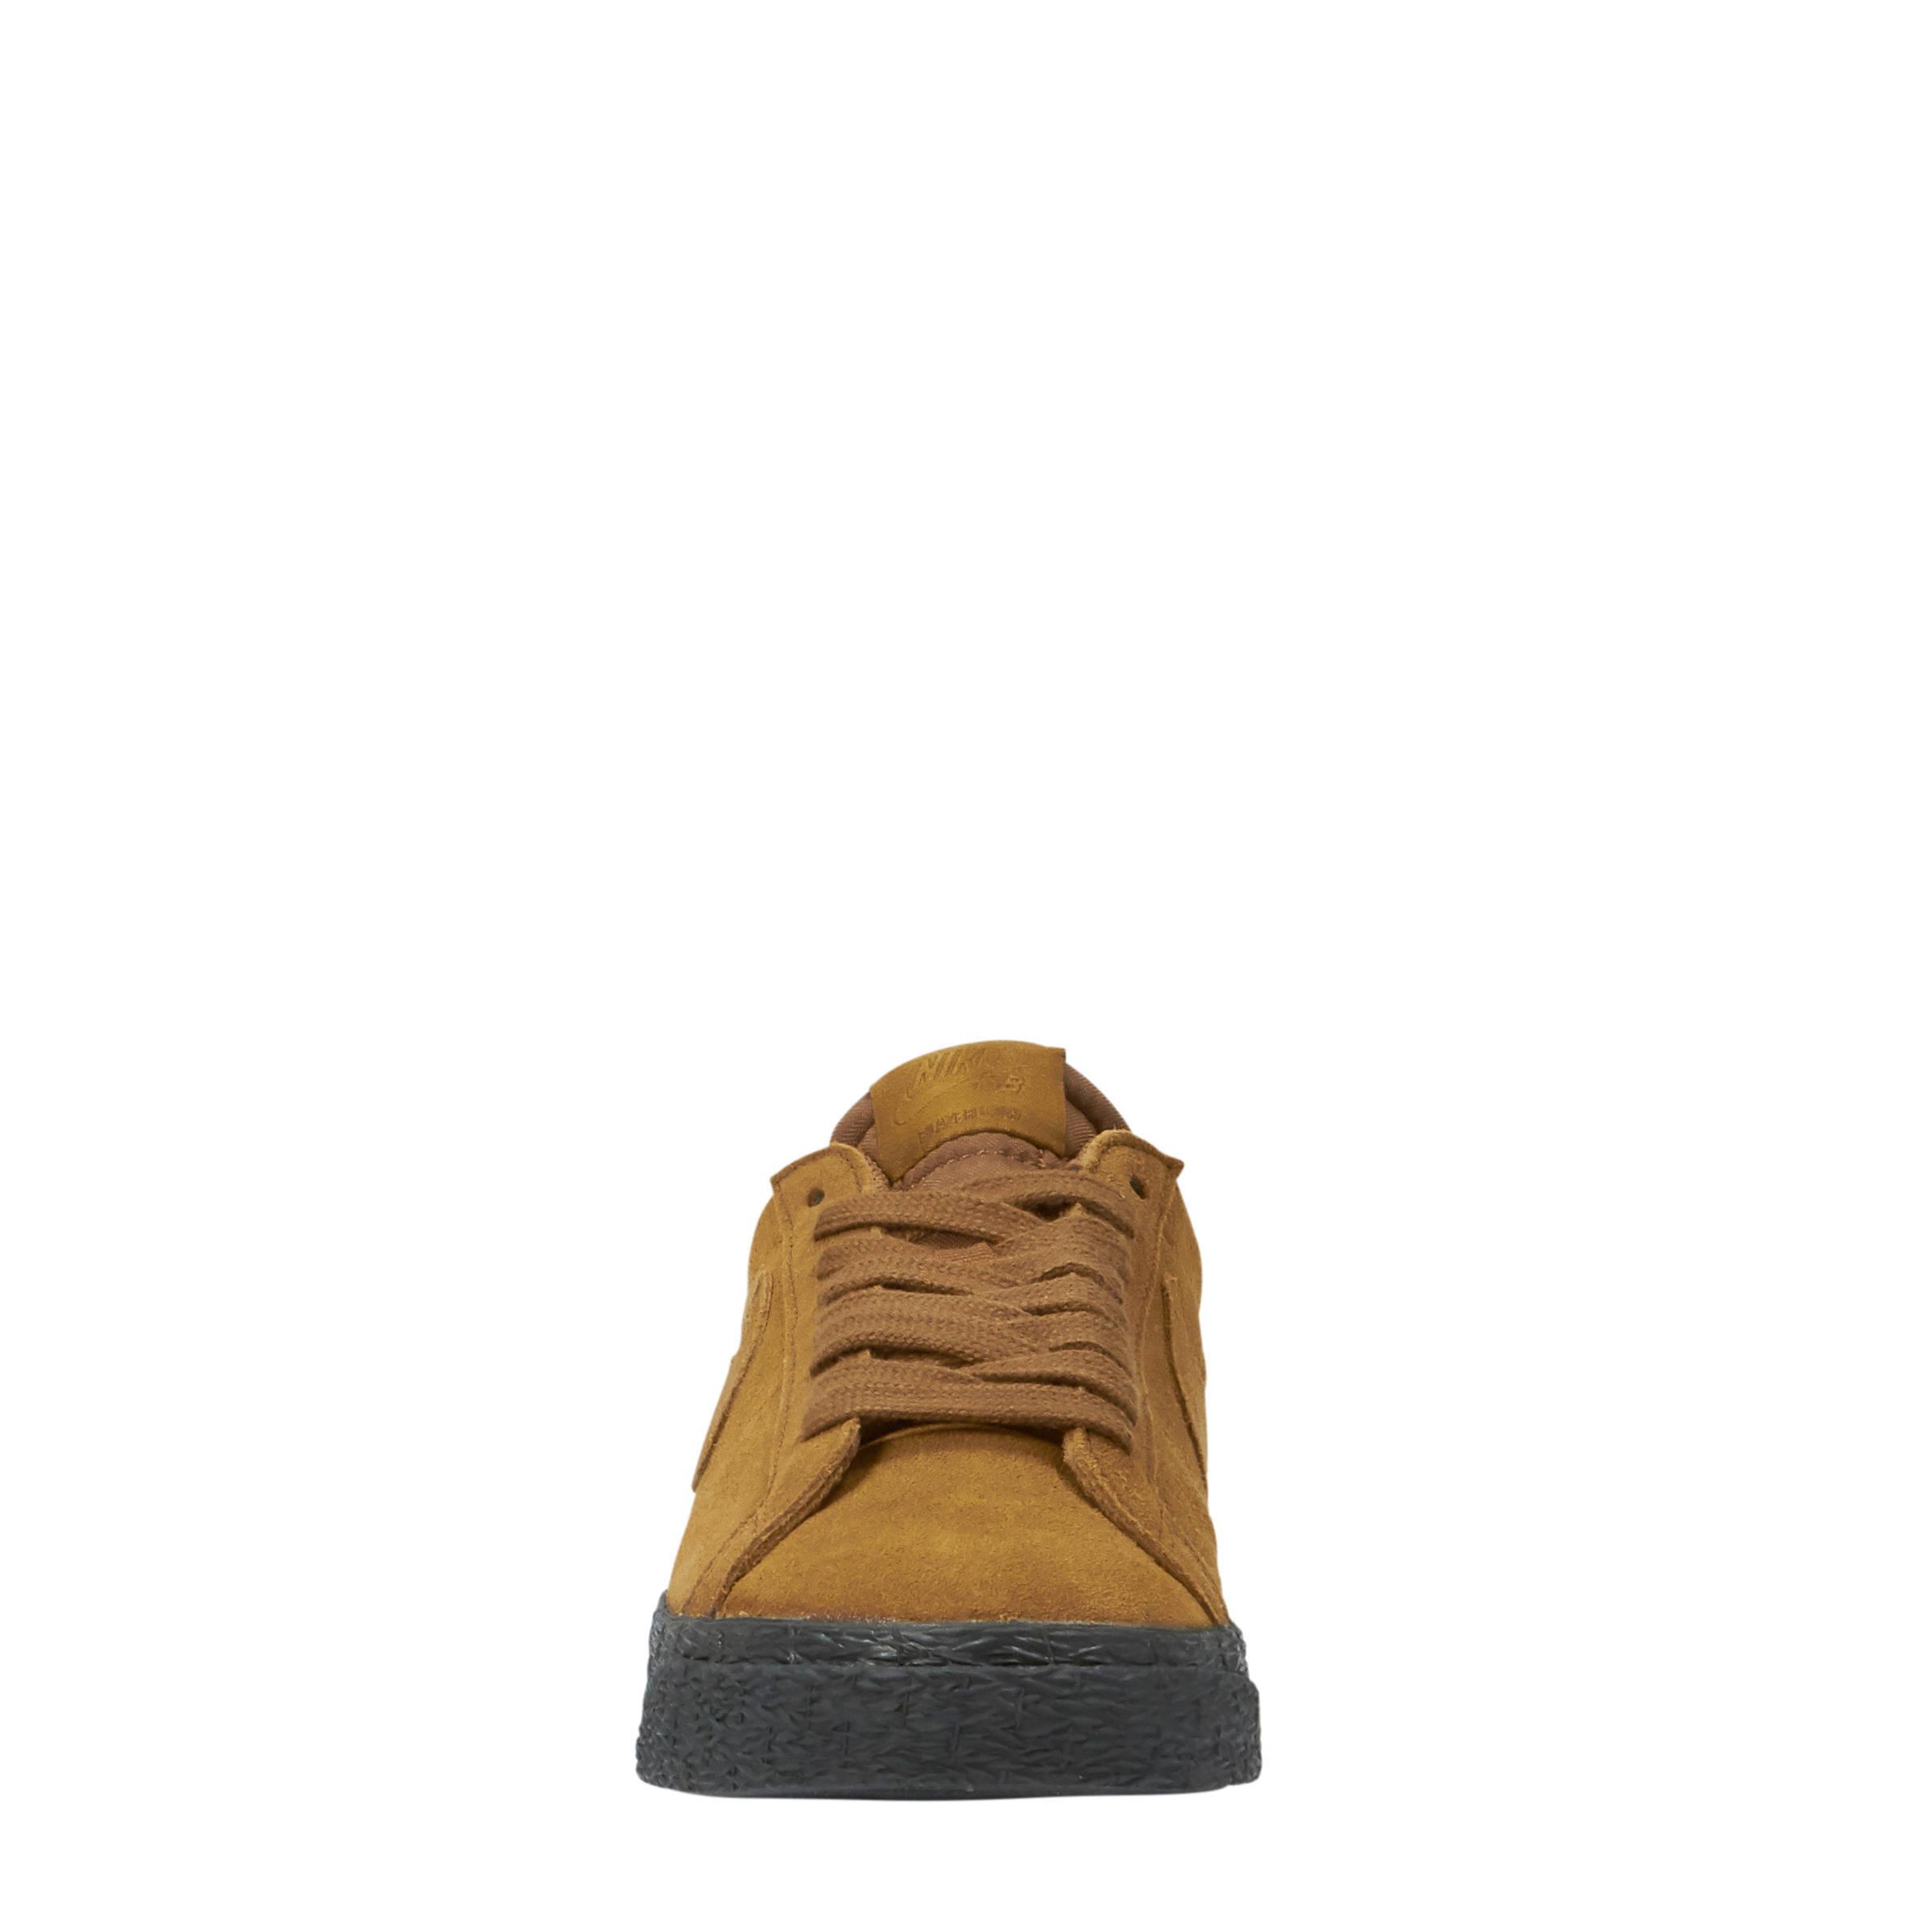 SB Zoom Blazer Low suède sneakers bruin